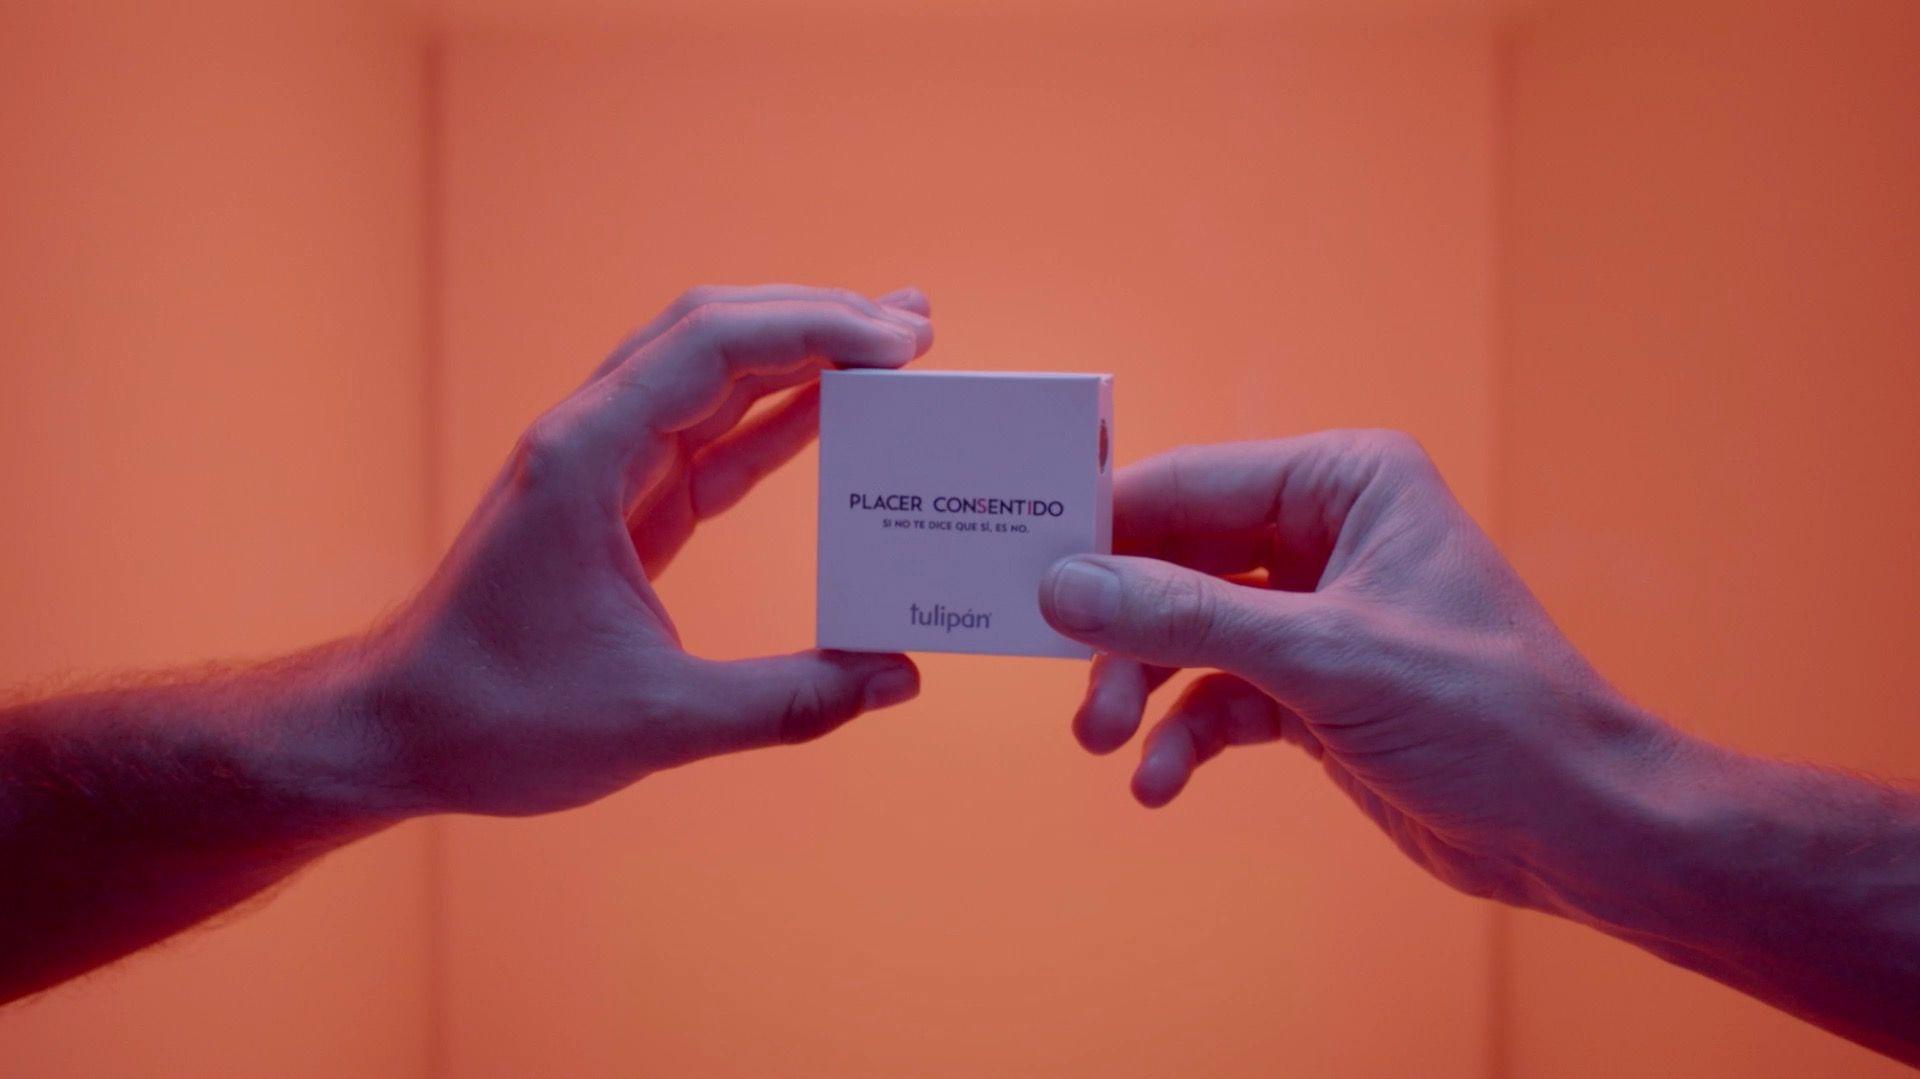 Sadece Dört Elle Açılan 'Karşılıklı Rıza Prezervatifi' Tartışmalara Yol Açtı!